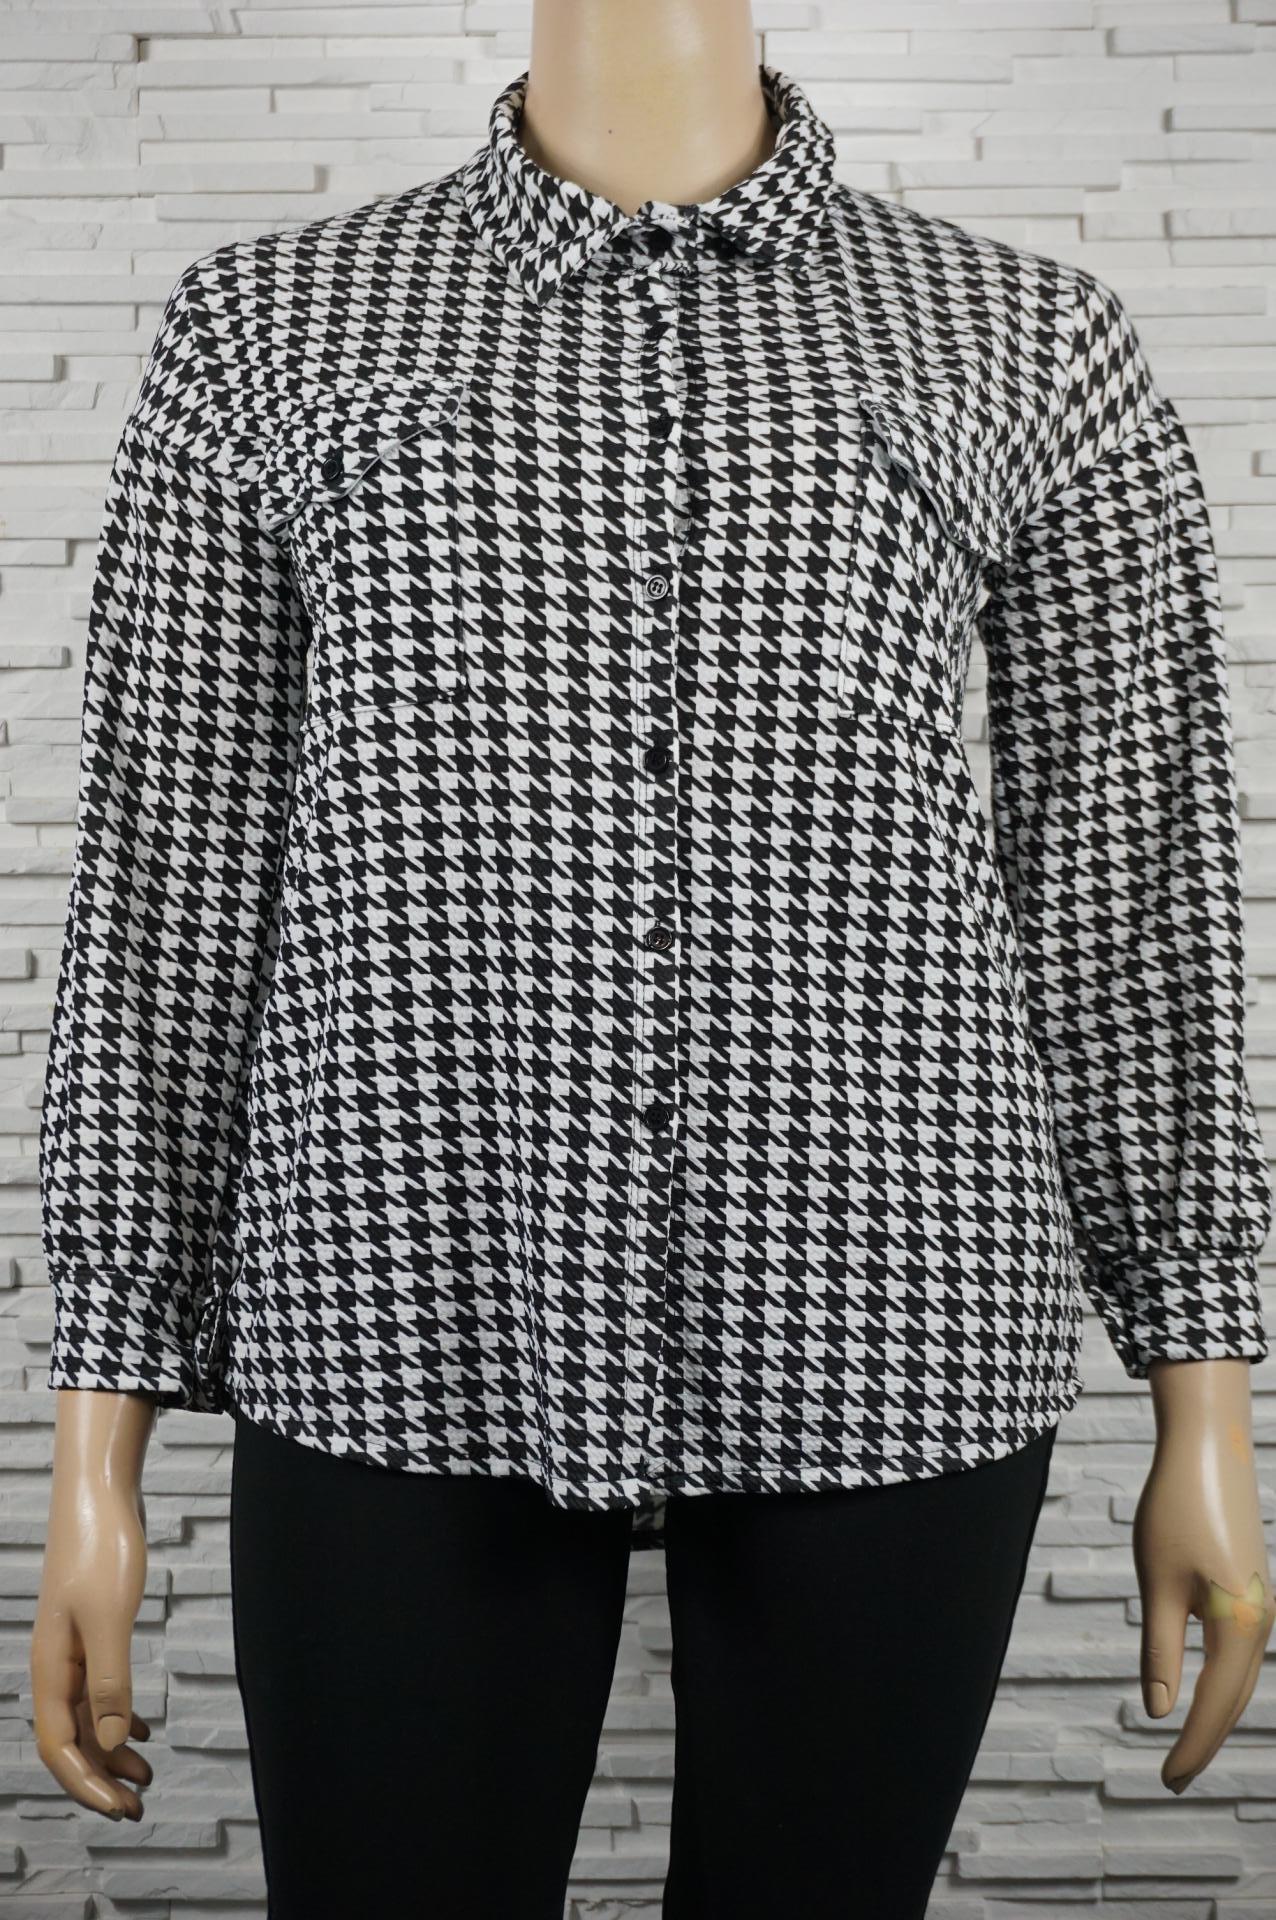 Chemise ou blouse en pieds de poule.